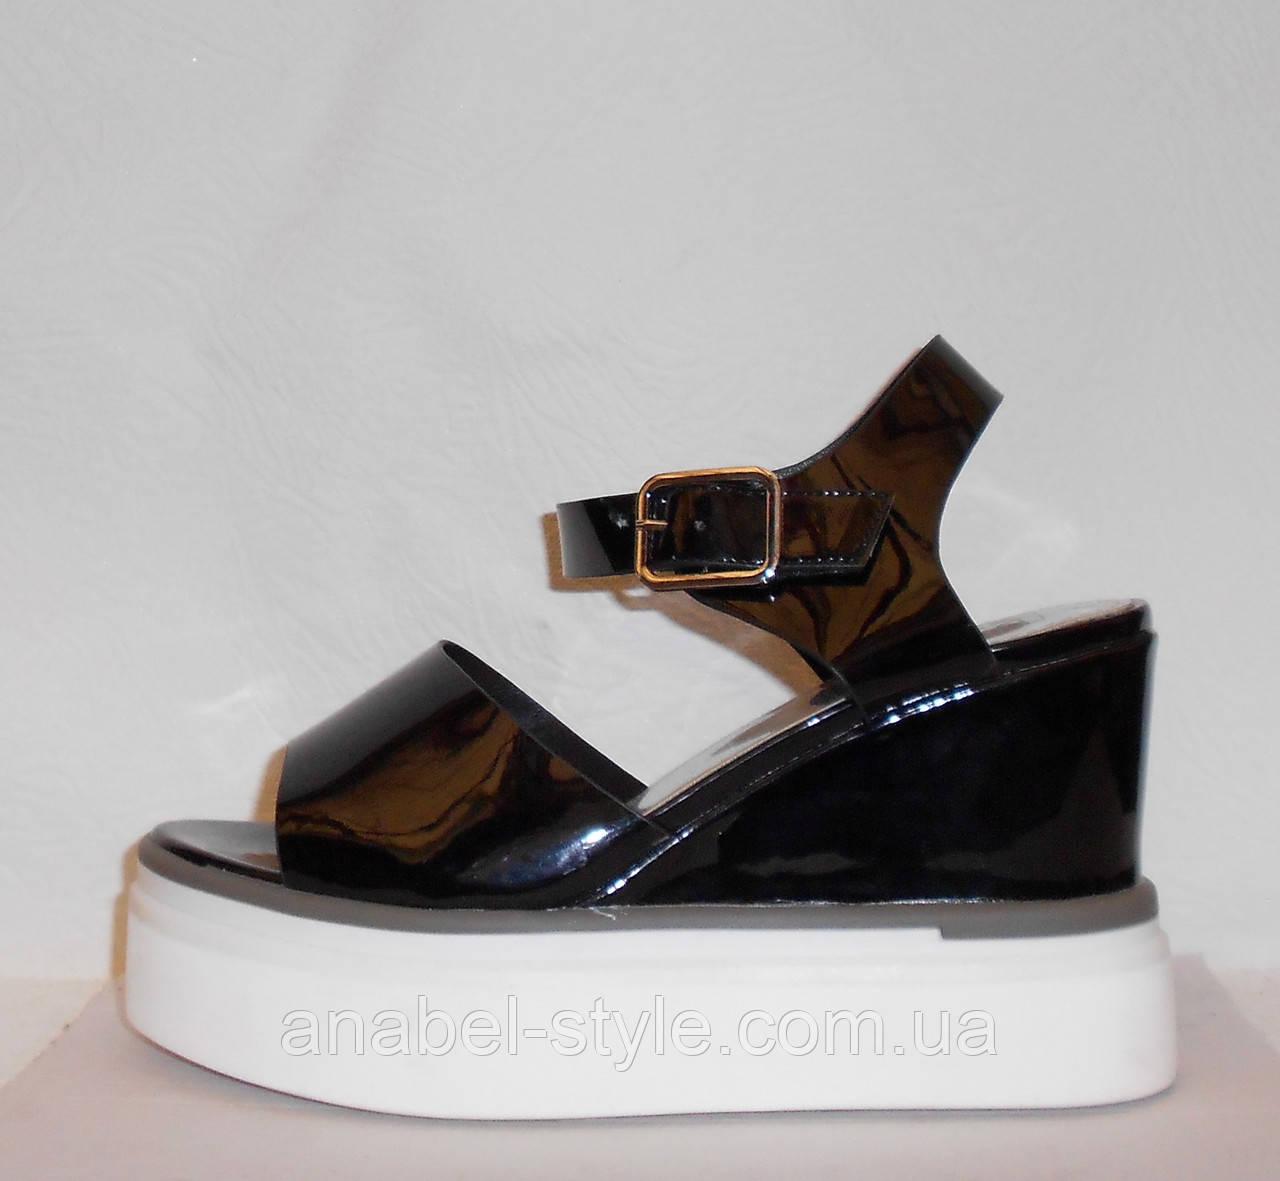 Сандалии женские стильные лаковые черного цвета